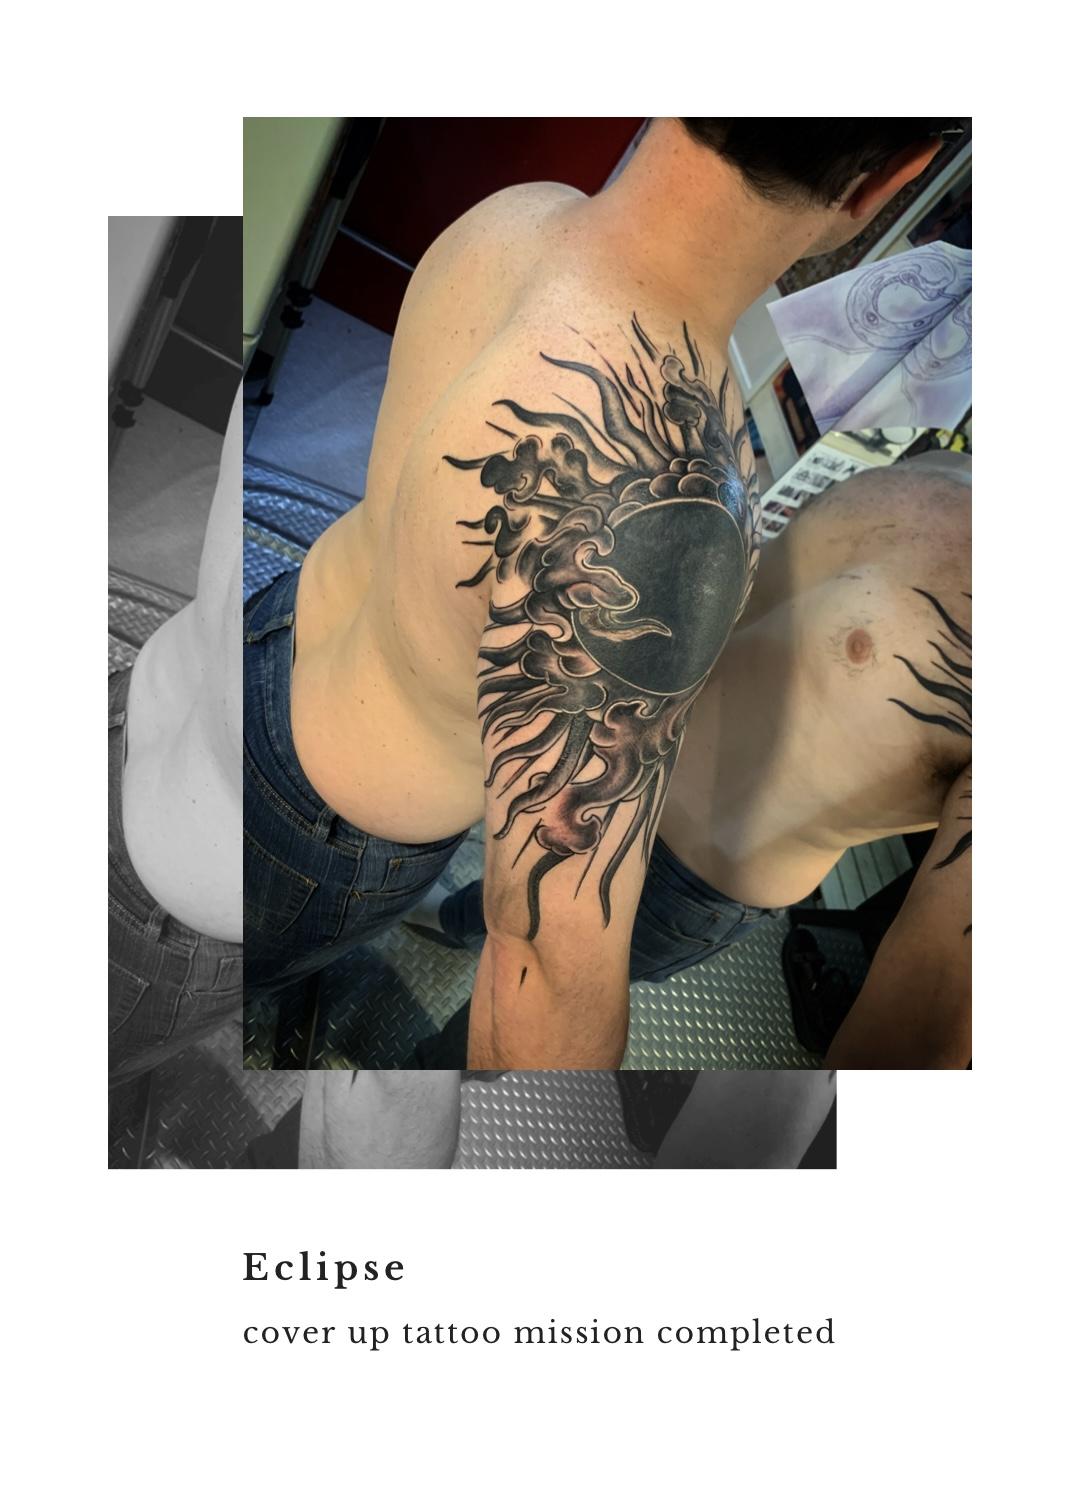 Eclipse : 太陽カバーアップタトゥー 2 | 東京渋谷タトゥースタジオ 刺青師 渋谷伊彫